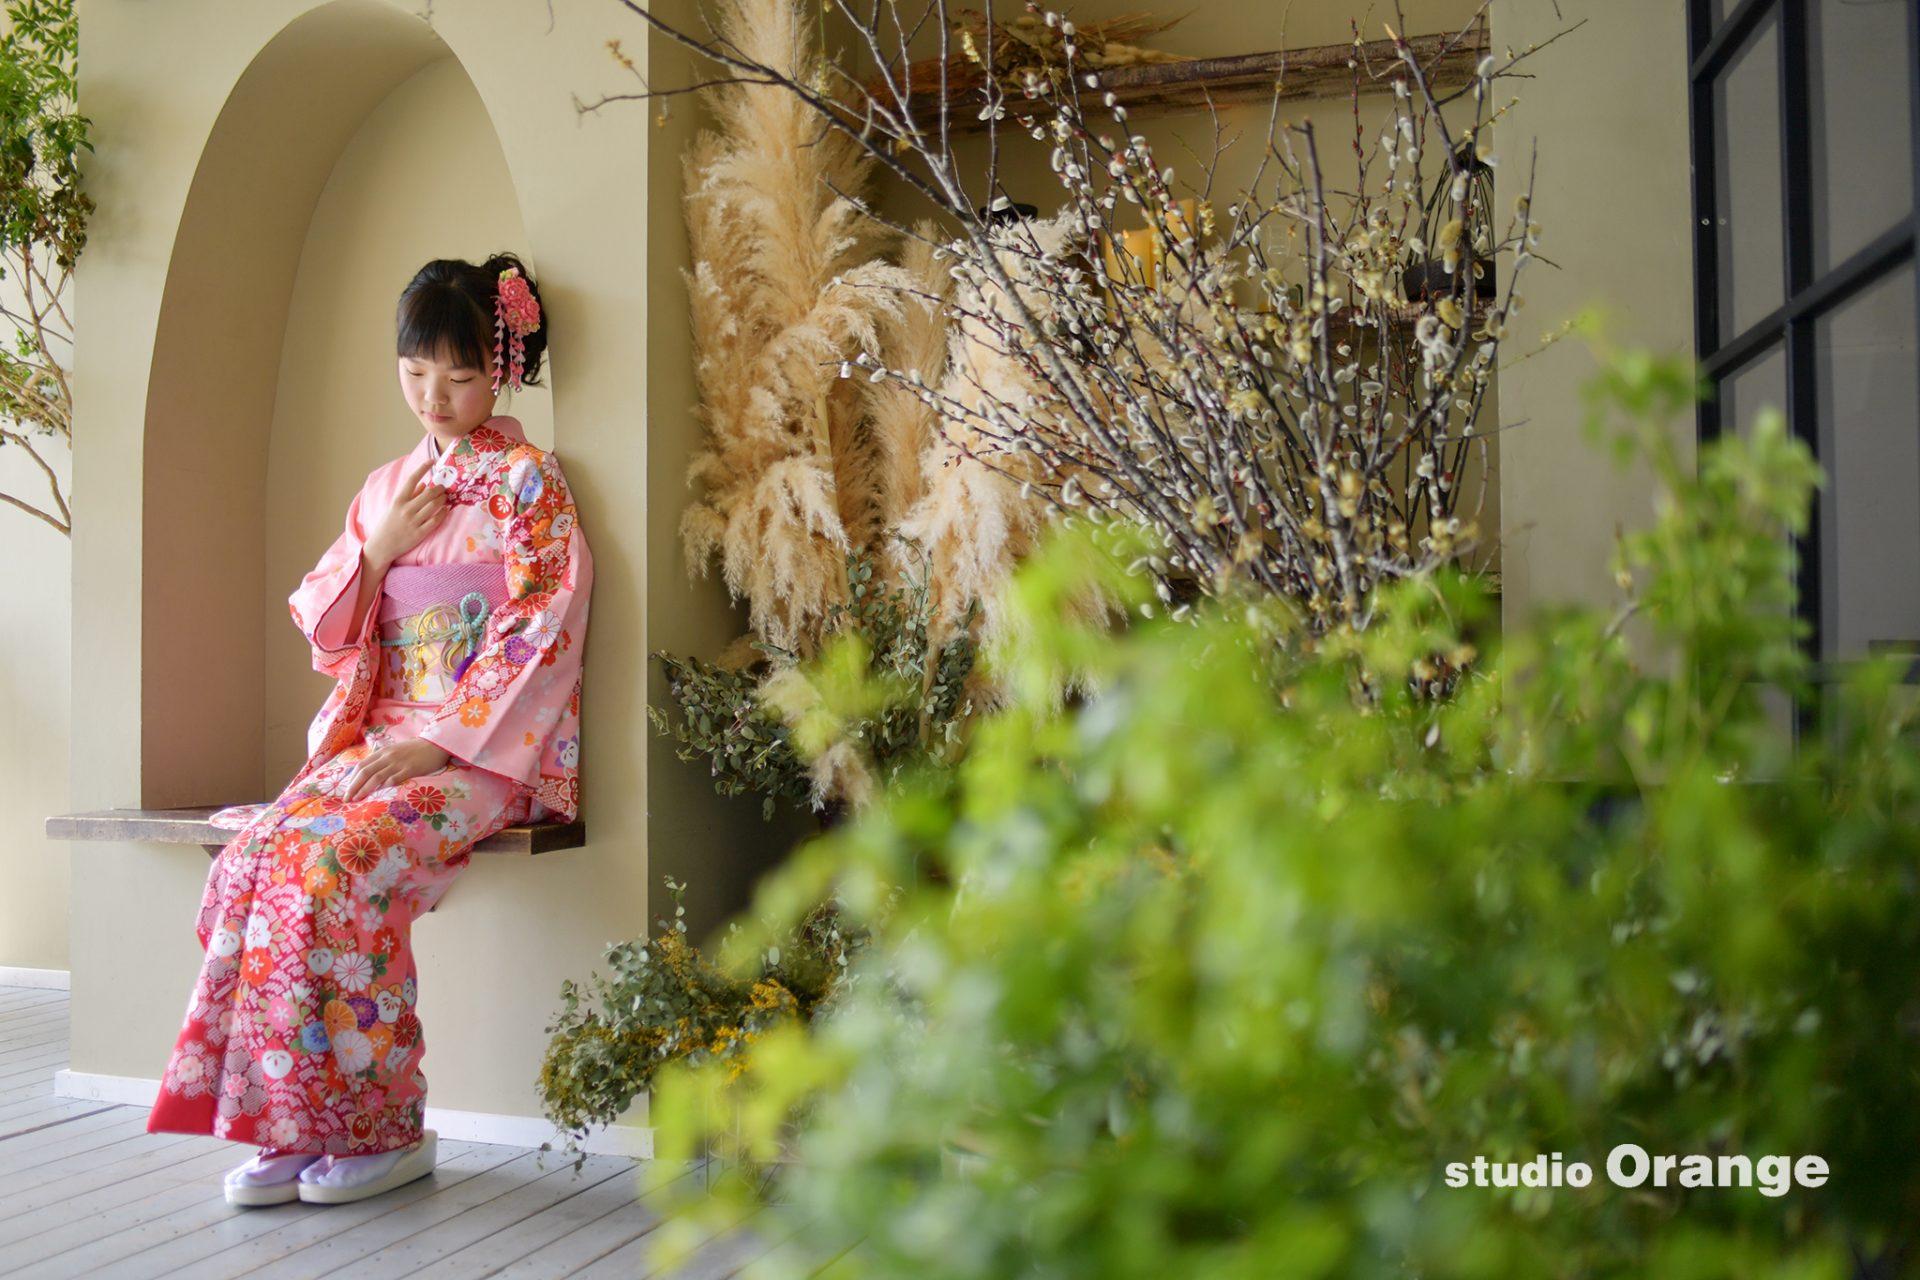 十三詣り ピンクの着物 十三歳記念